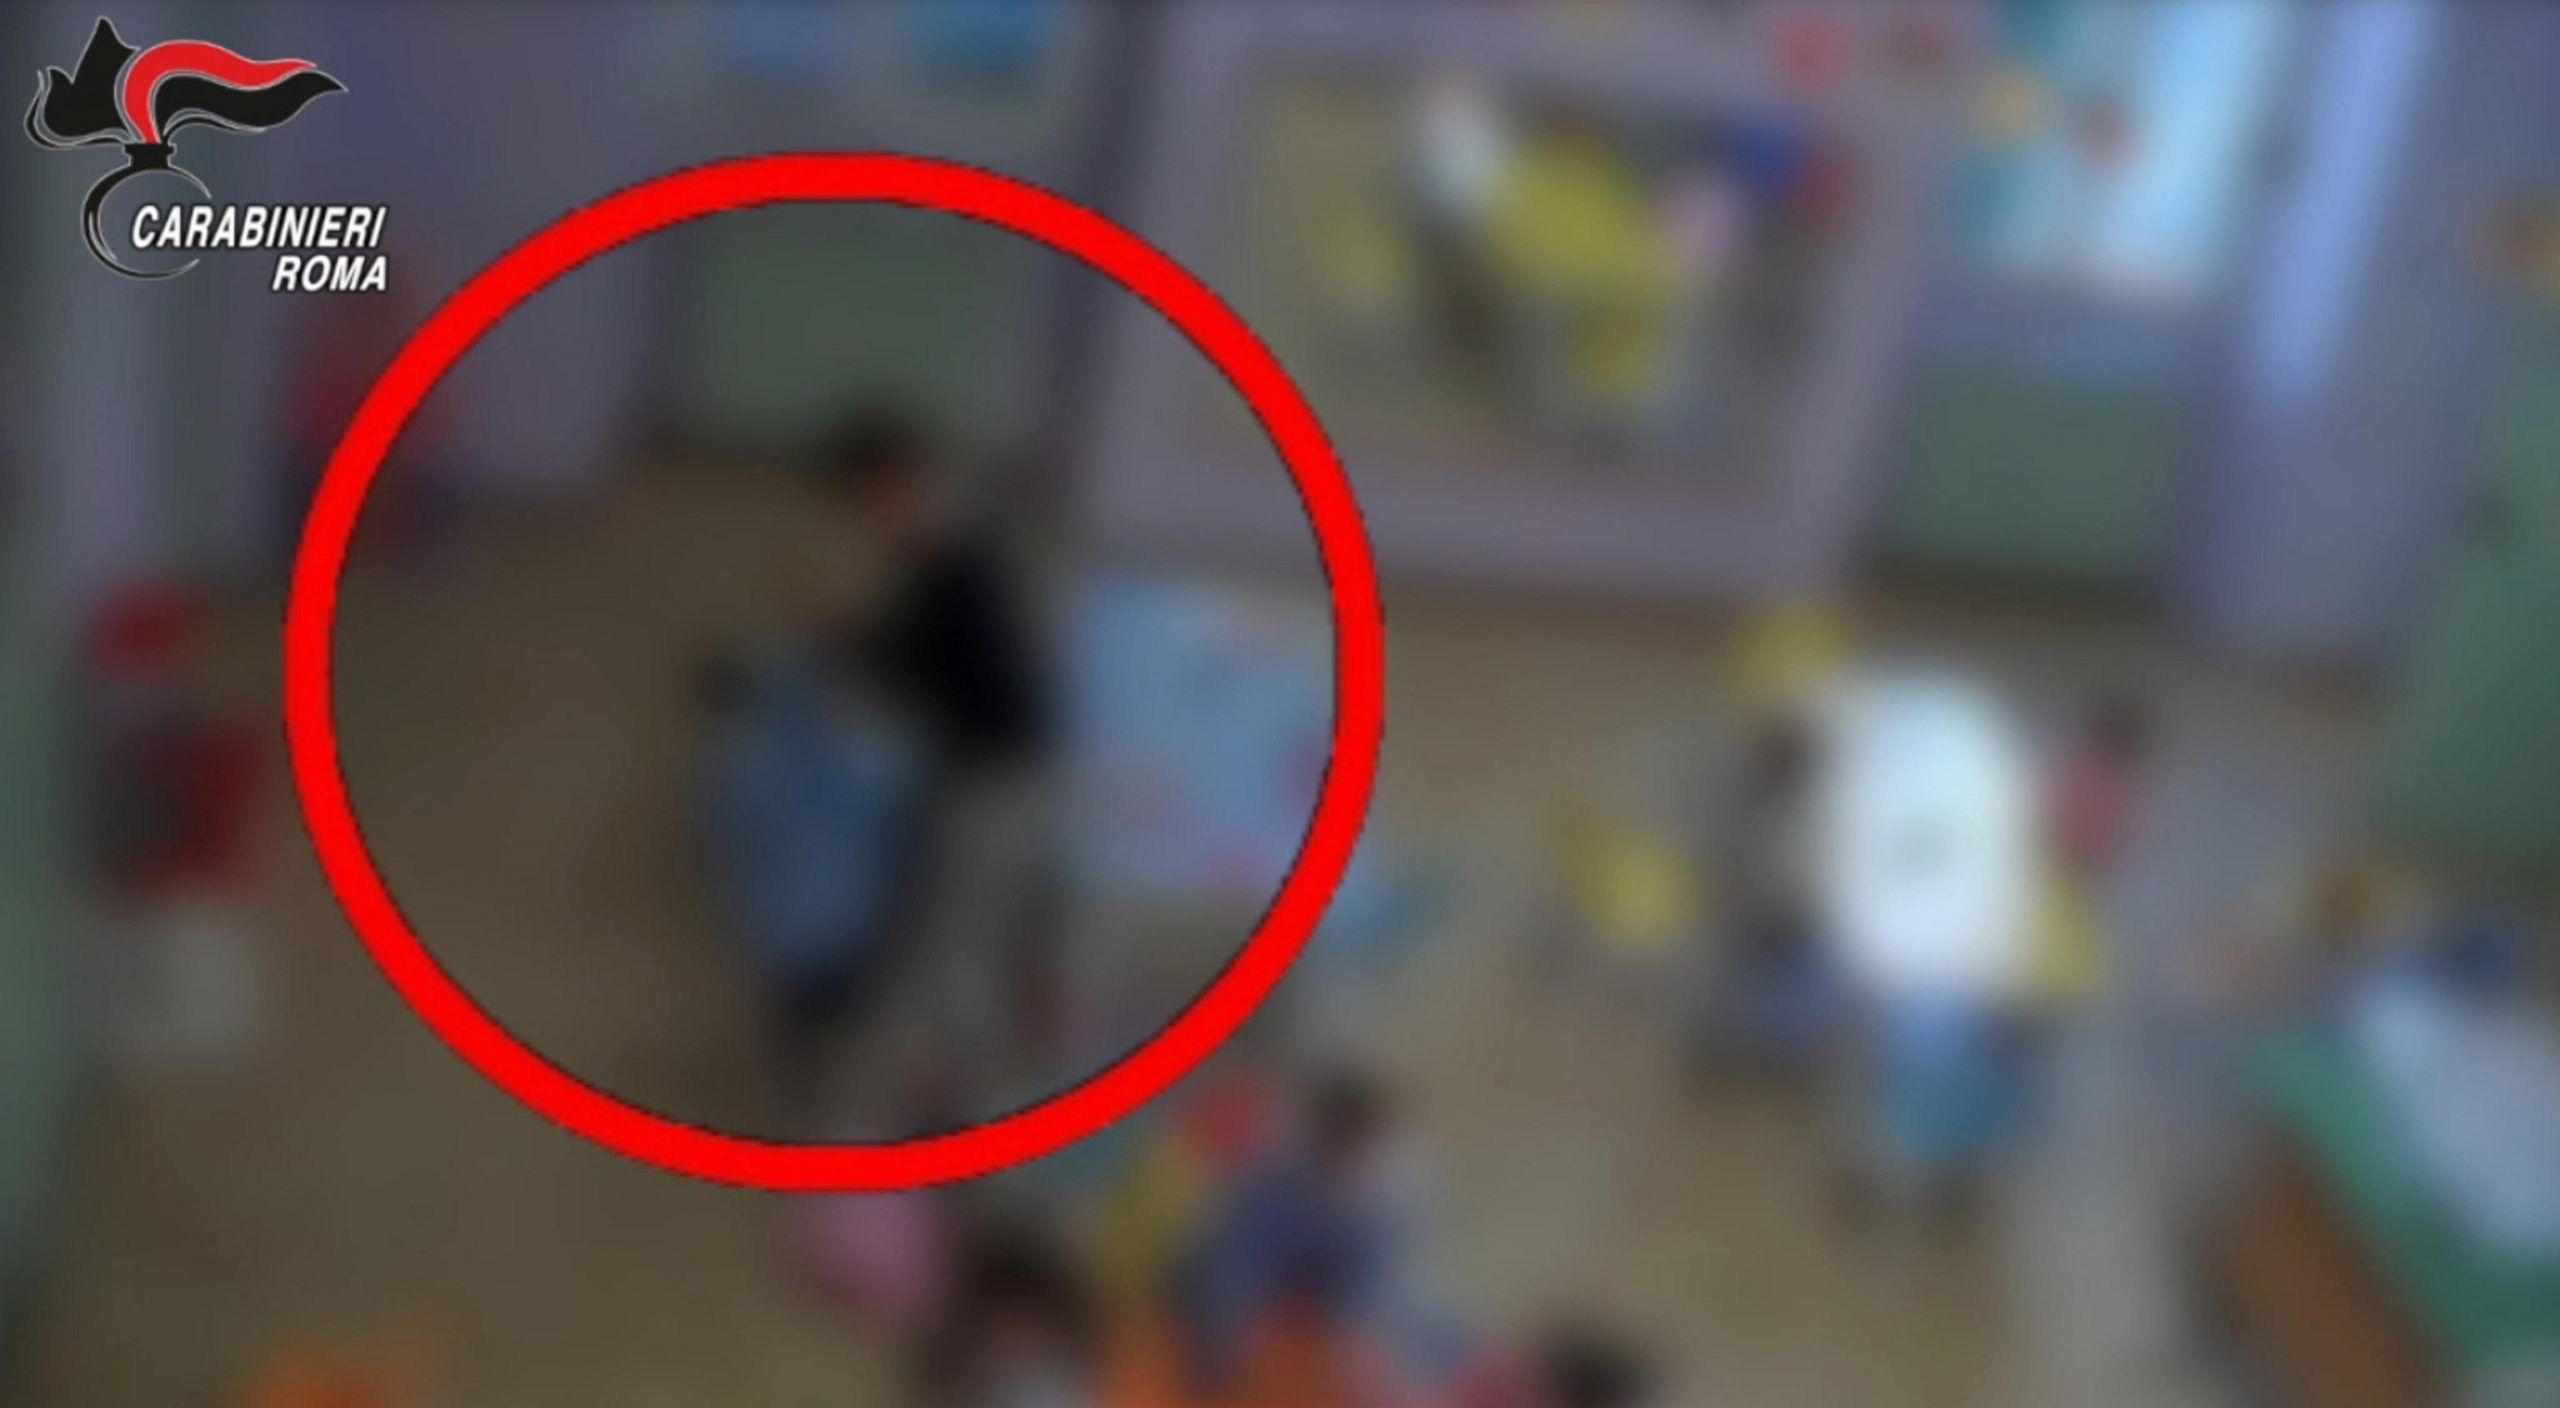 Bimbi picchiati e maltrattati all'asilo, arrestate tre maestre e una collaboratrice